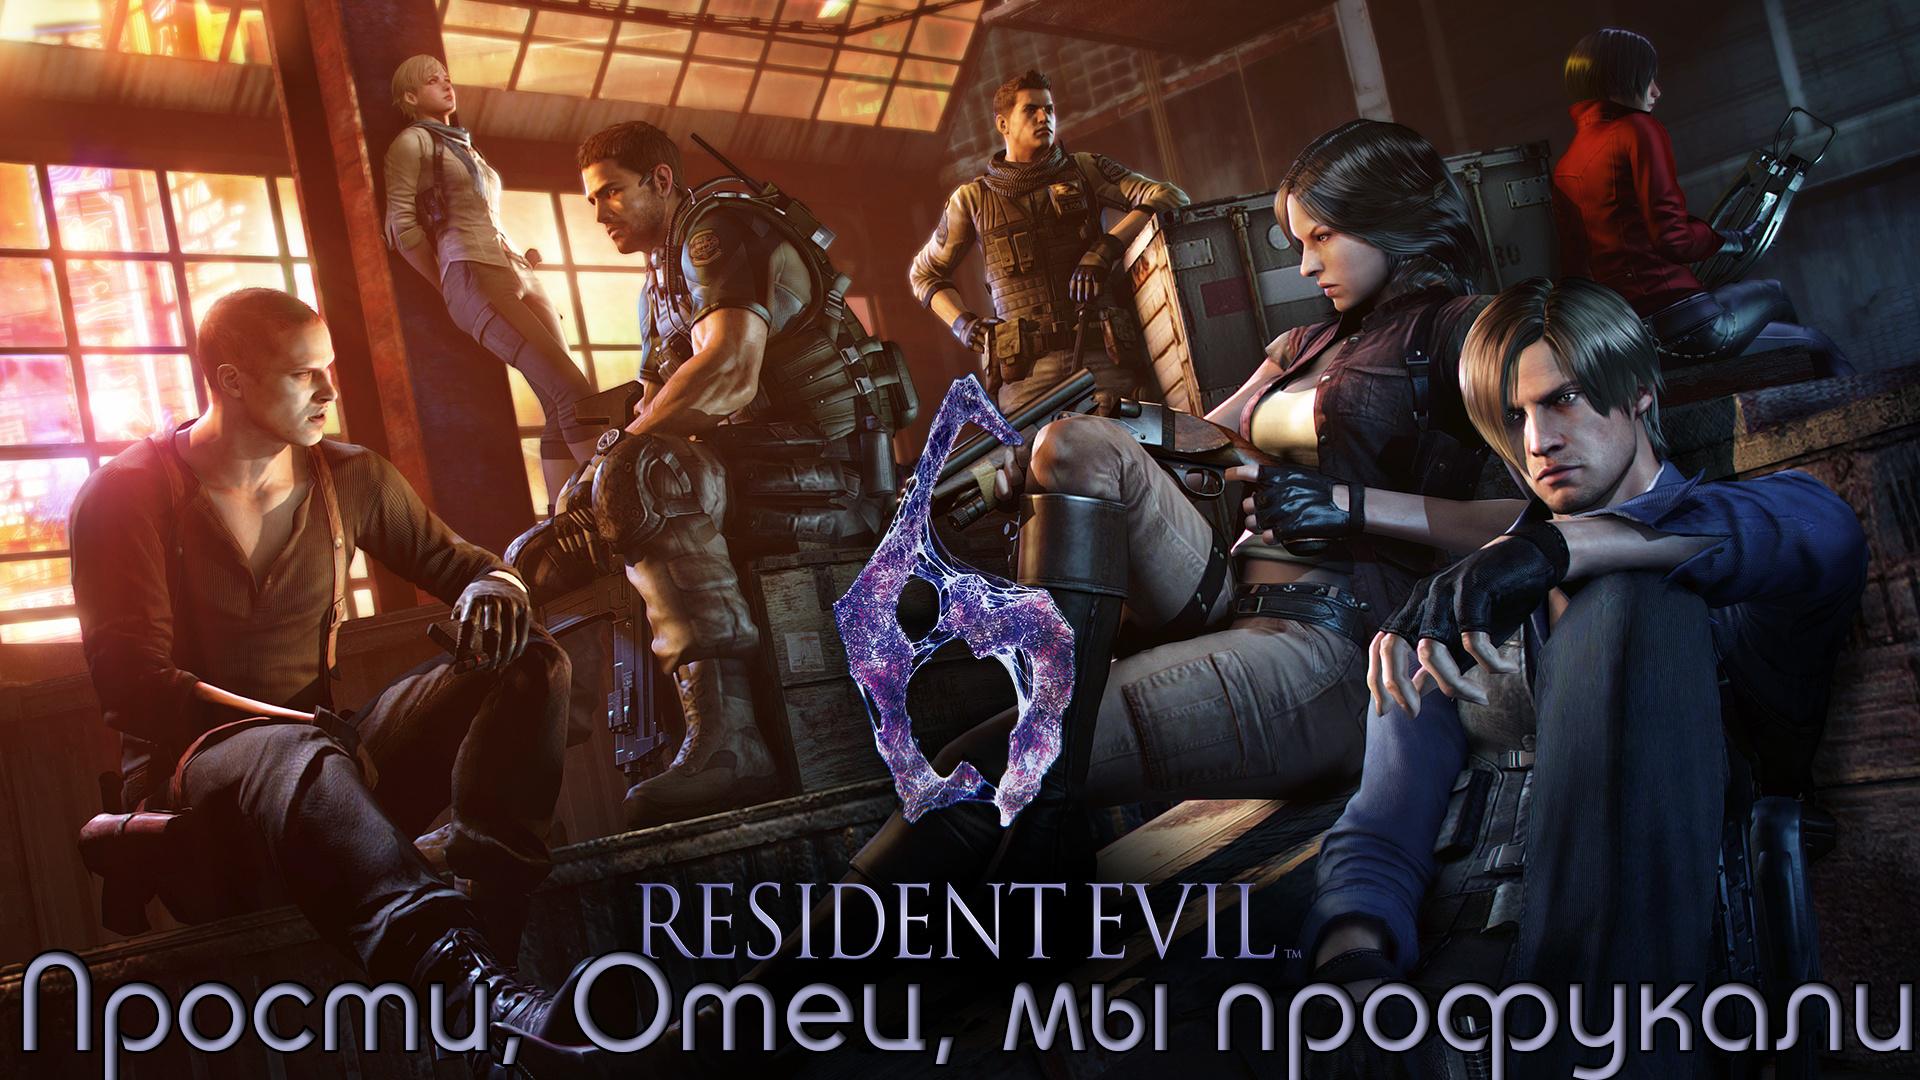 Прости, Отец, мы профукали Resident Evil 6 [часть 3] - Изображение 1